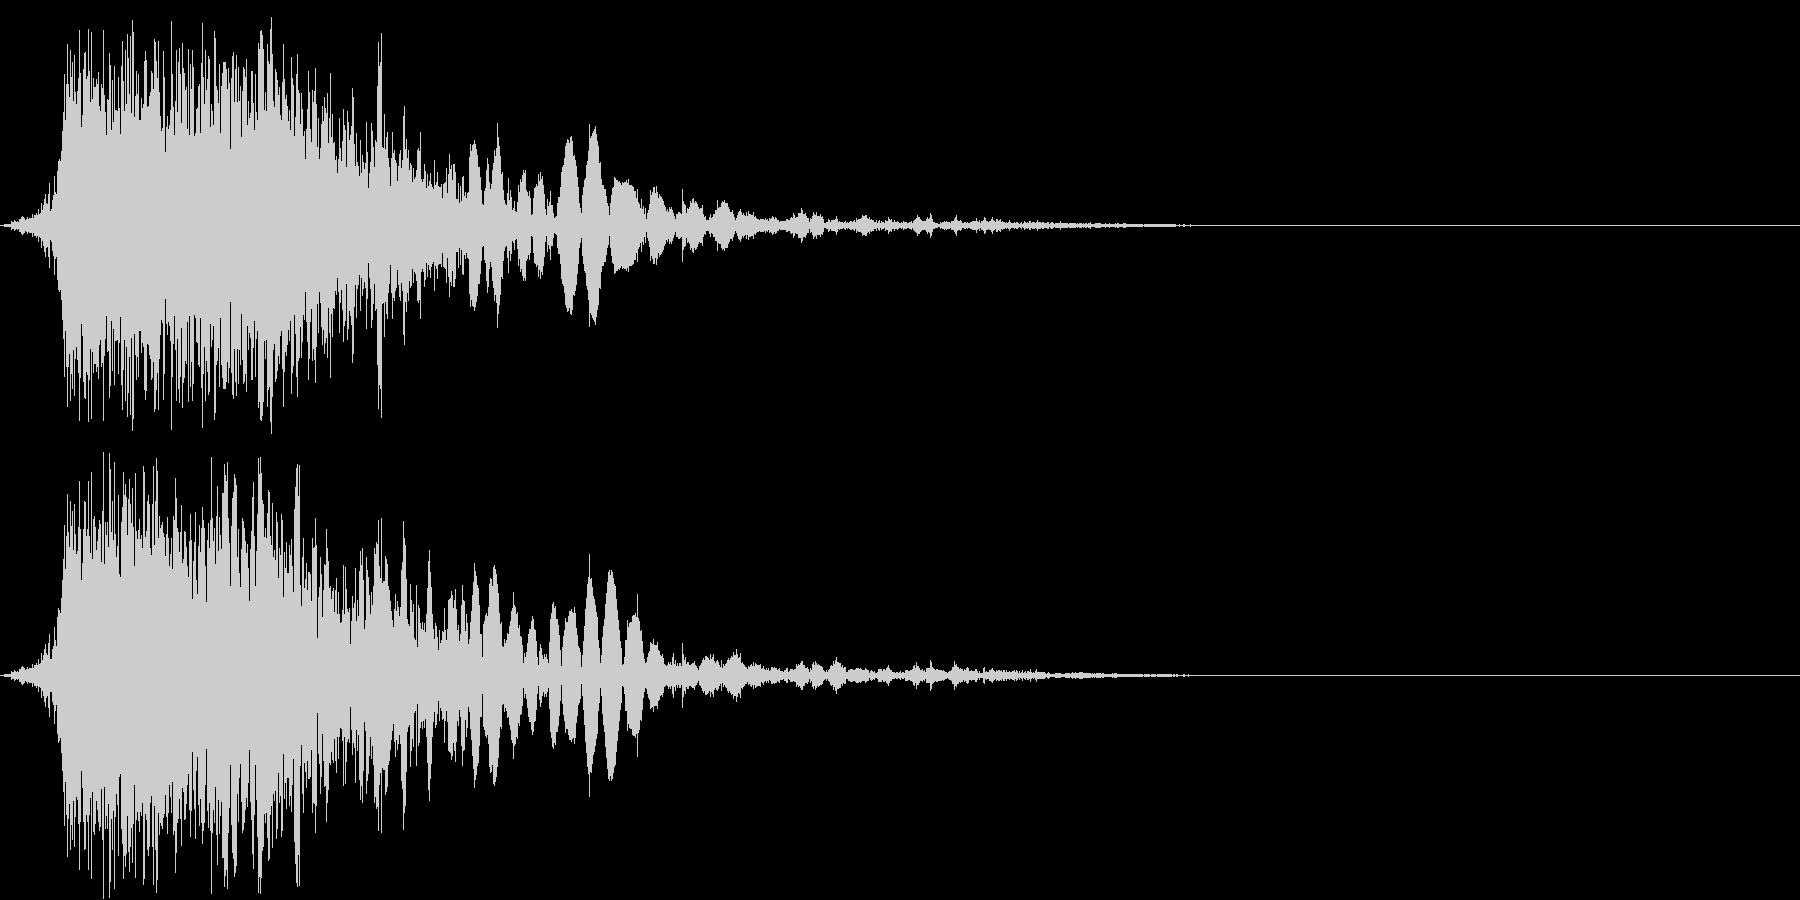 斬撃音(刀や剣で斬る/刺す効果音)06の未再生の波形